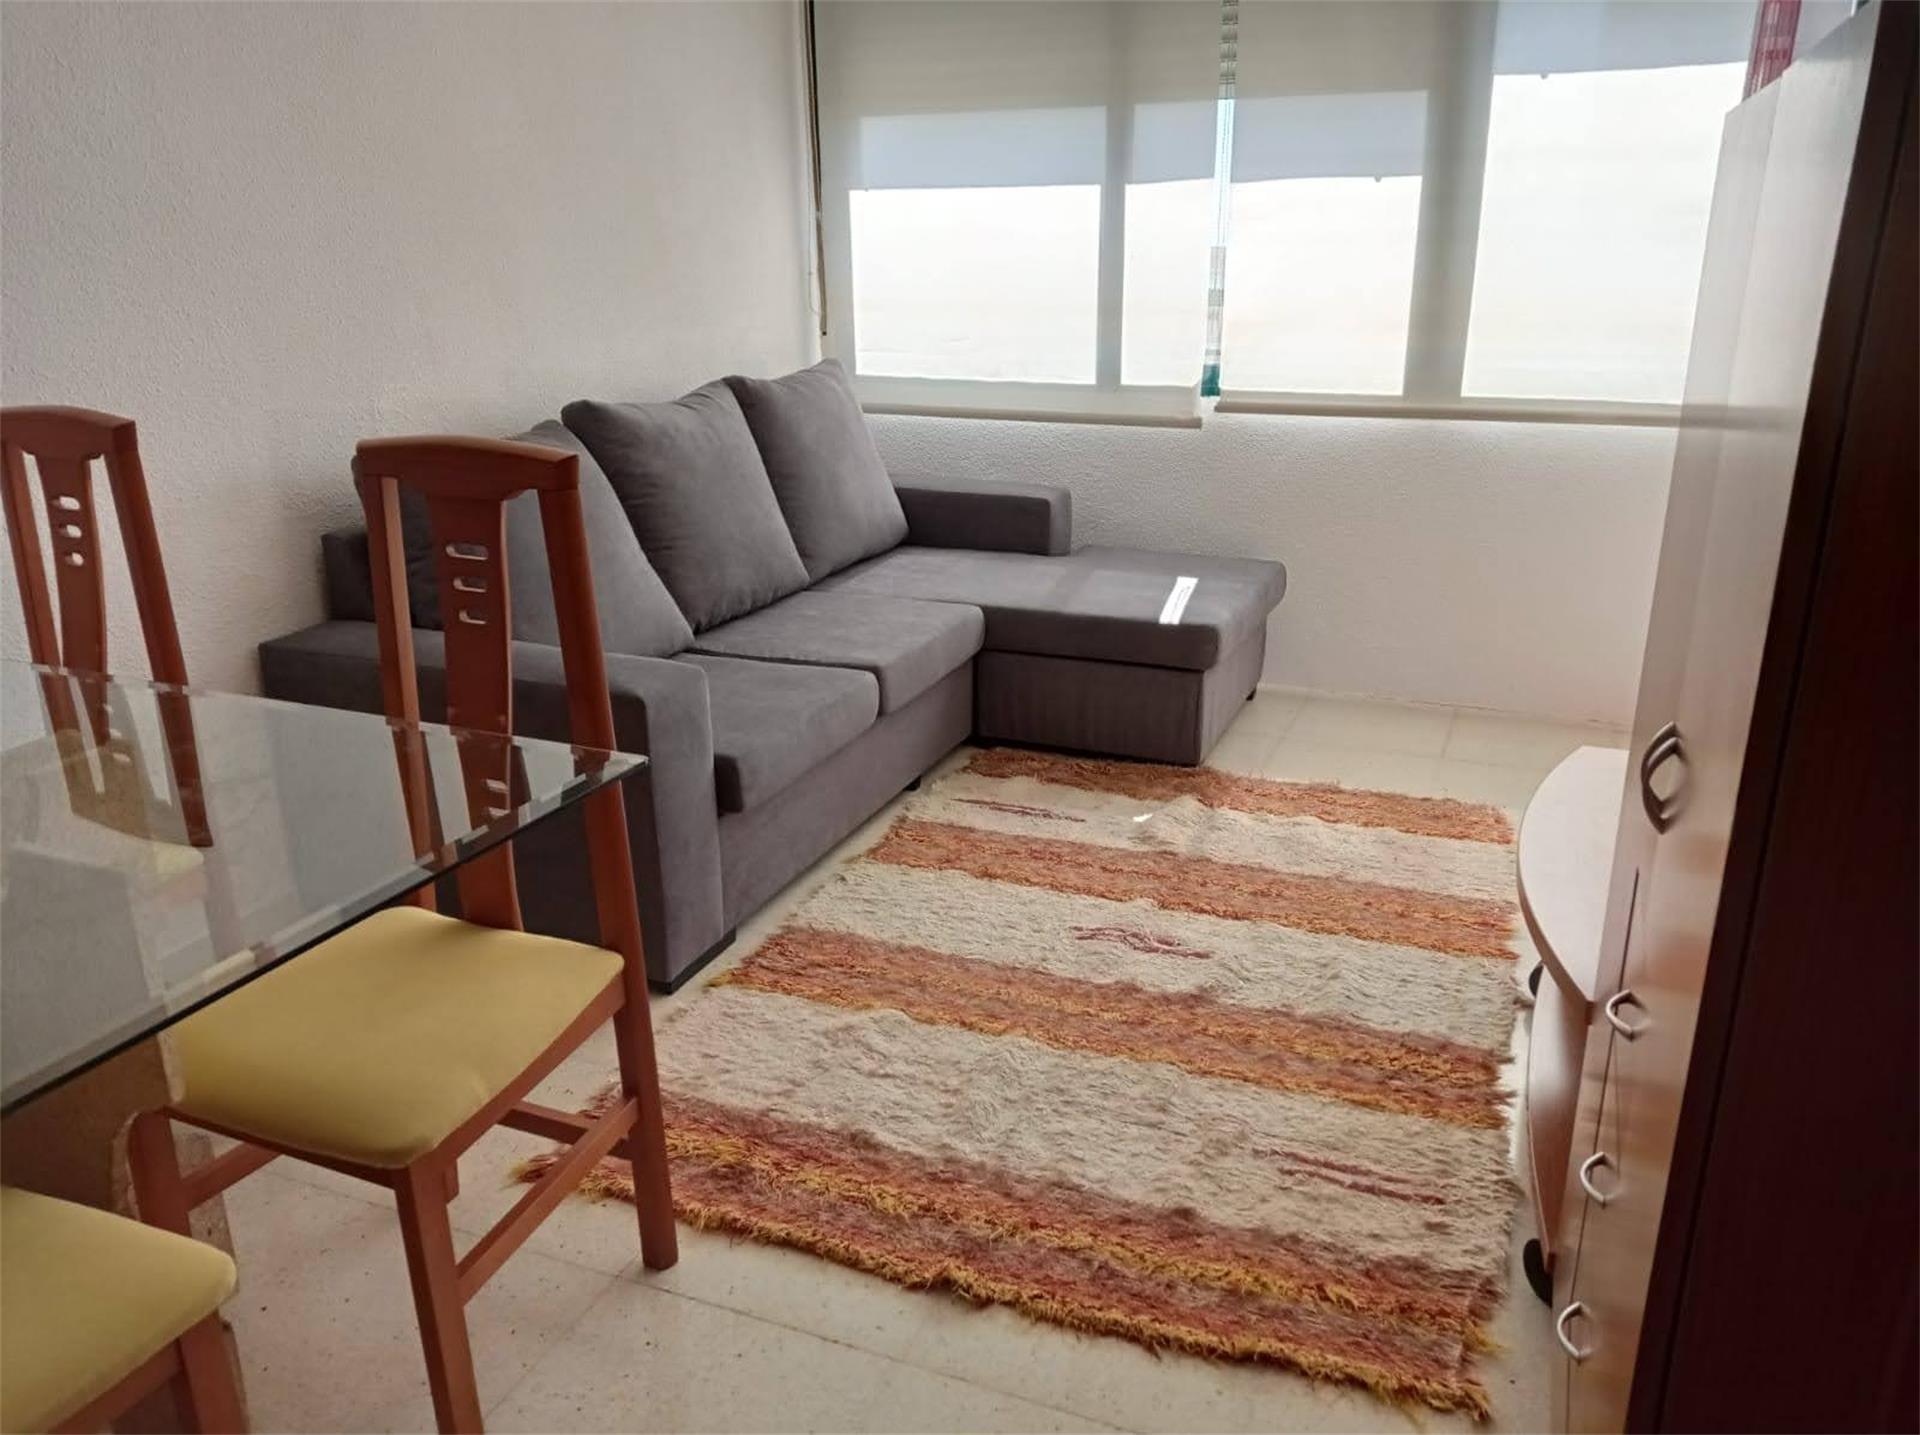 Apartamentos mejor valorados en benidorm. Alquiler apartamentos de particulares baratos en Benidorm ...